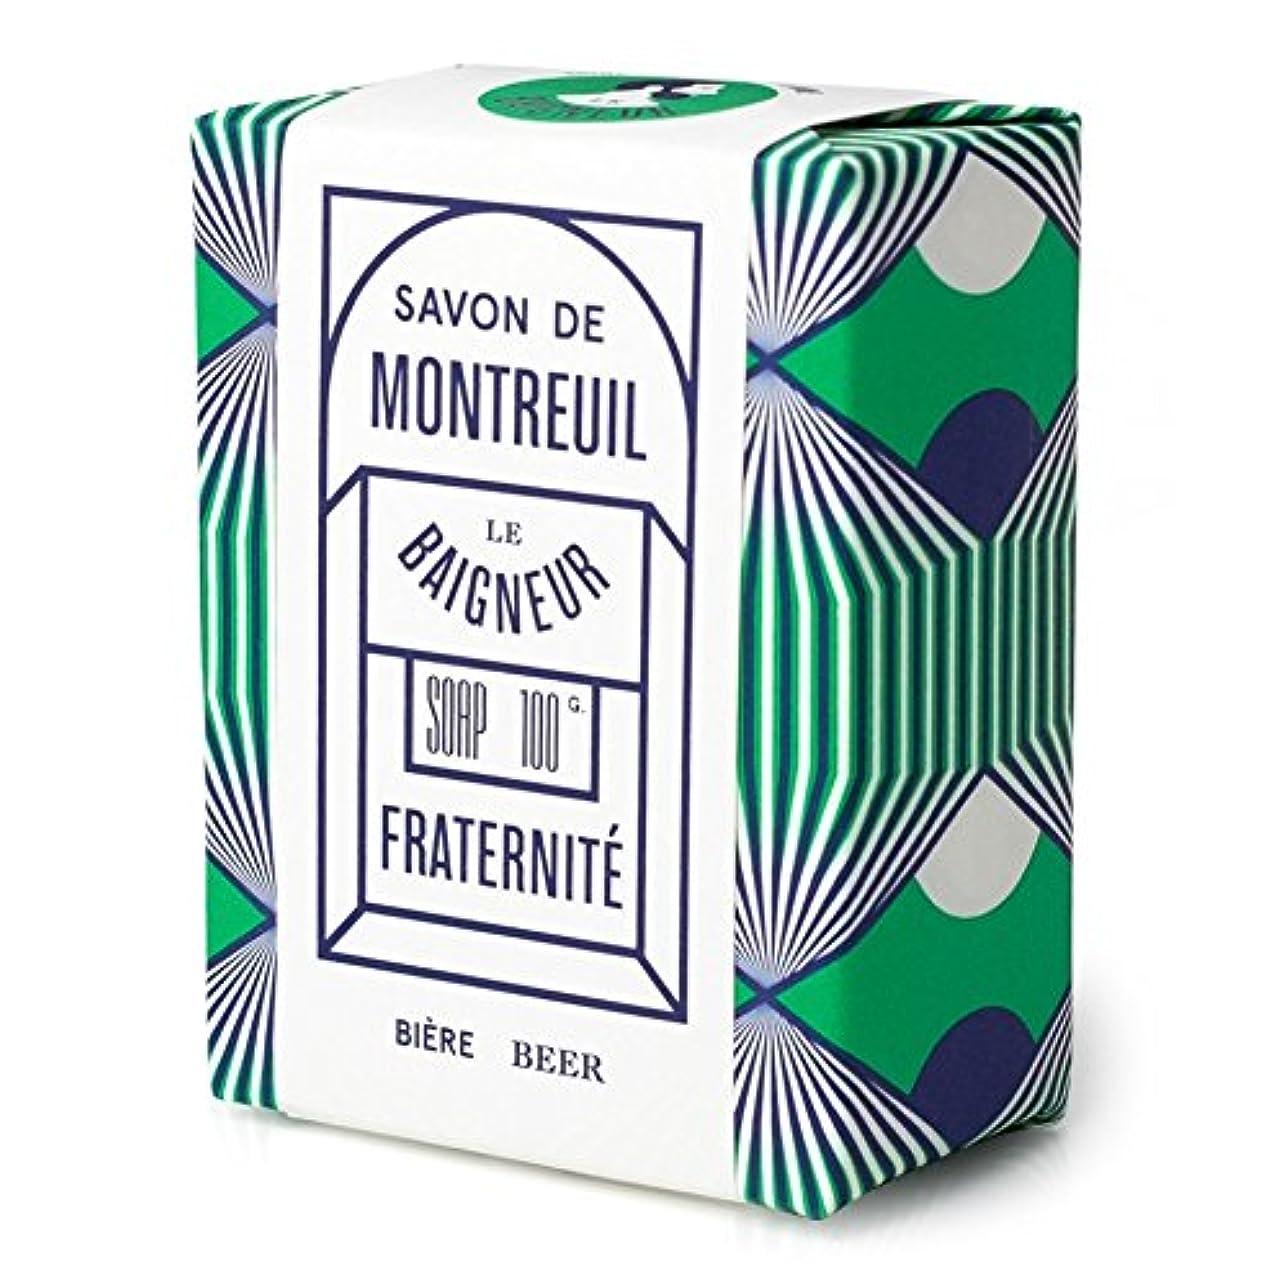 退却老朽化したアクセスできないル 石鹸100グラム x4 - Le Baigneur Fraternite Soap 100g (Pack of 4) [並行輸入品]